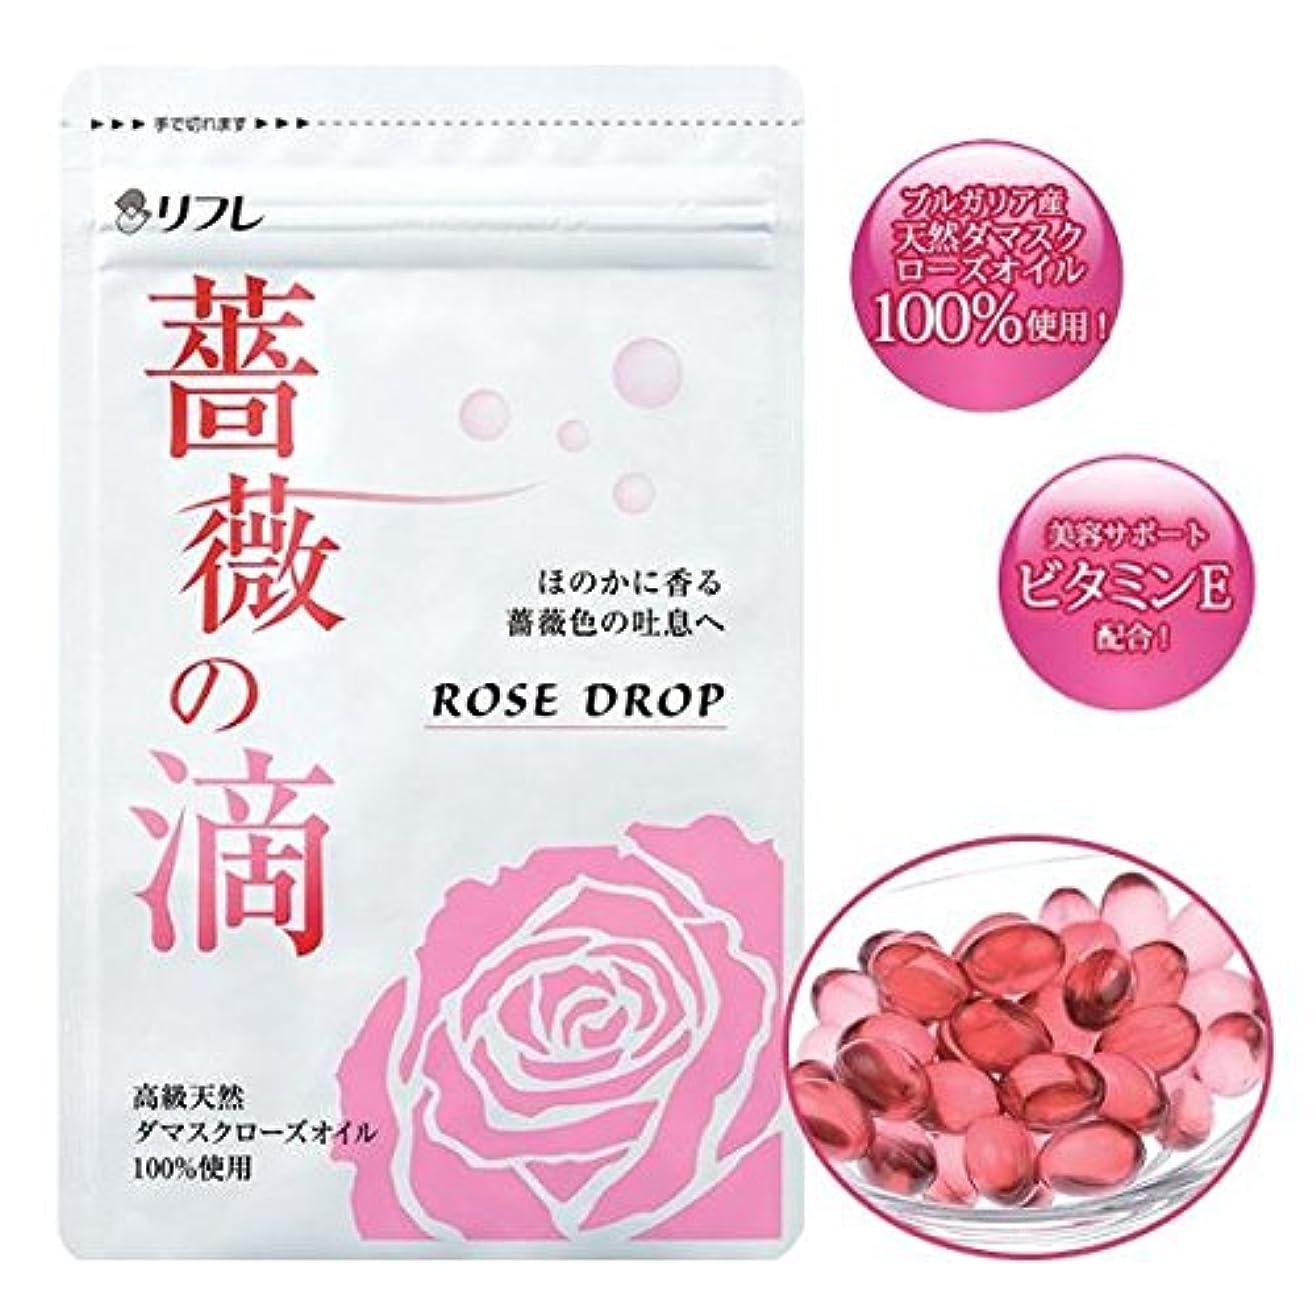 アライメント試験リークリフレ ローズサプリ 薔薇の滴(ばらのしずく) 1袋62粒(約1ヵ月分) 日本製 Japan